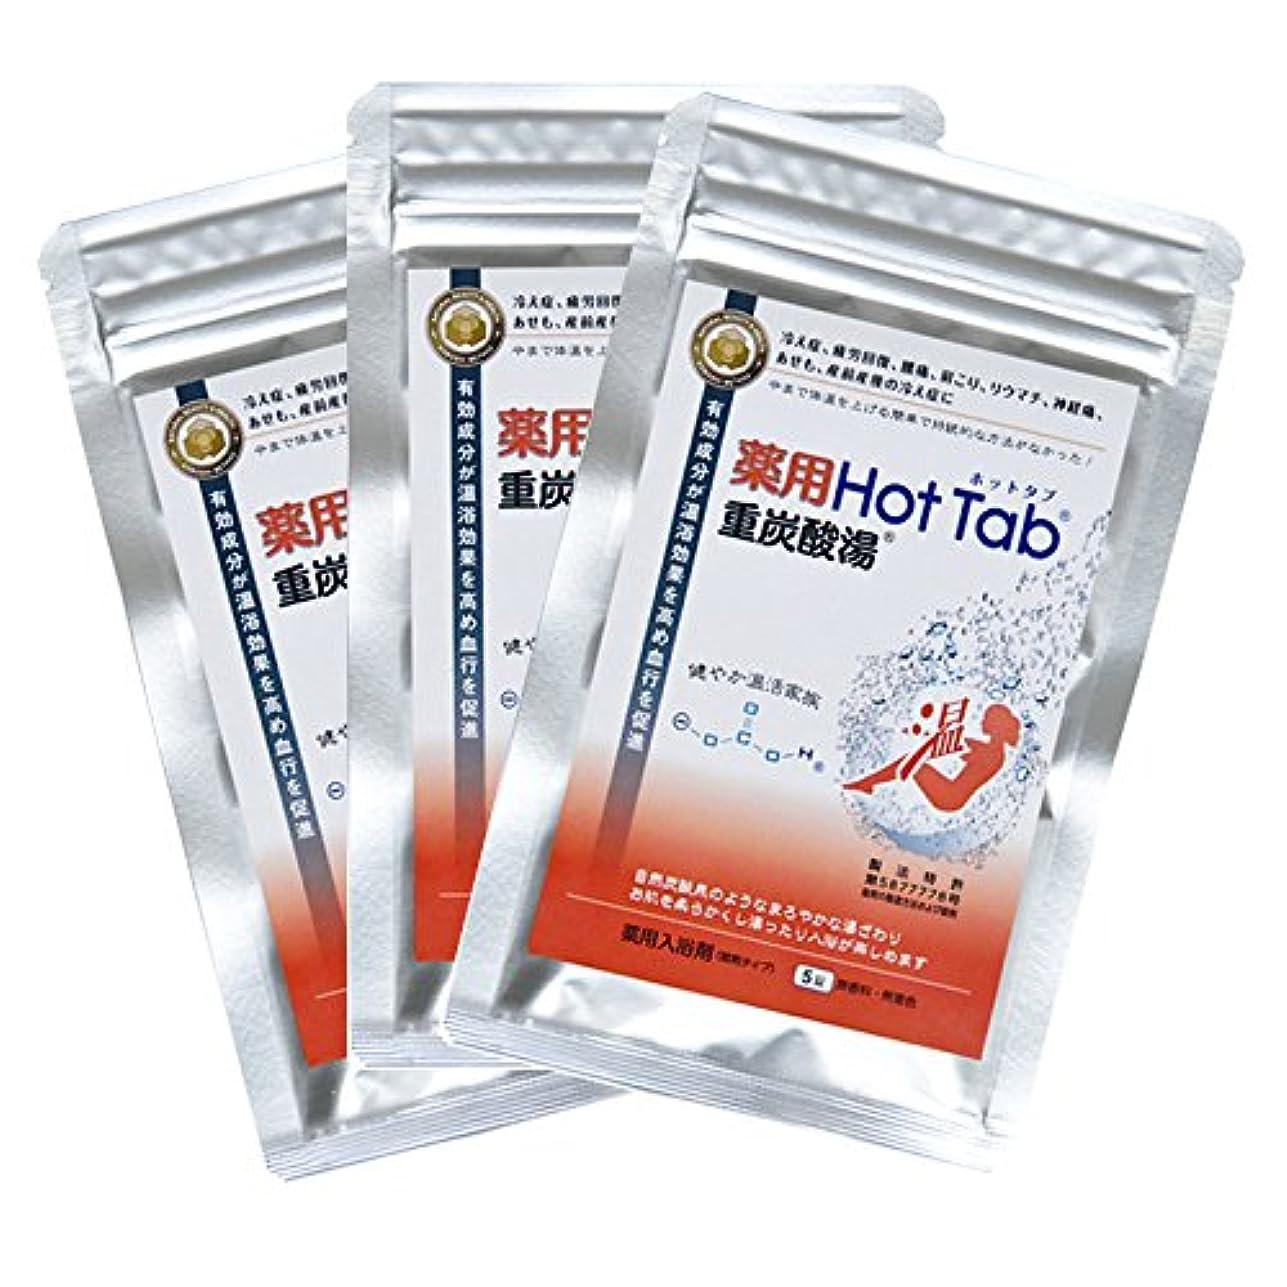 スイッチ単独で背が高い薬用 Hot Tab 重炭酸湯 5錠入りx3セット